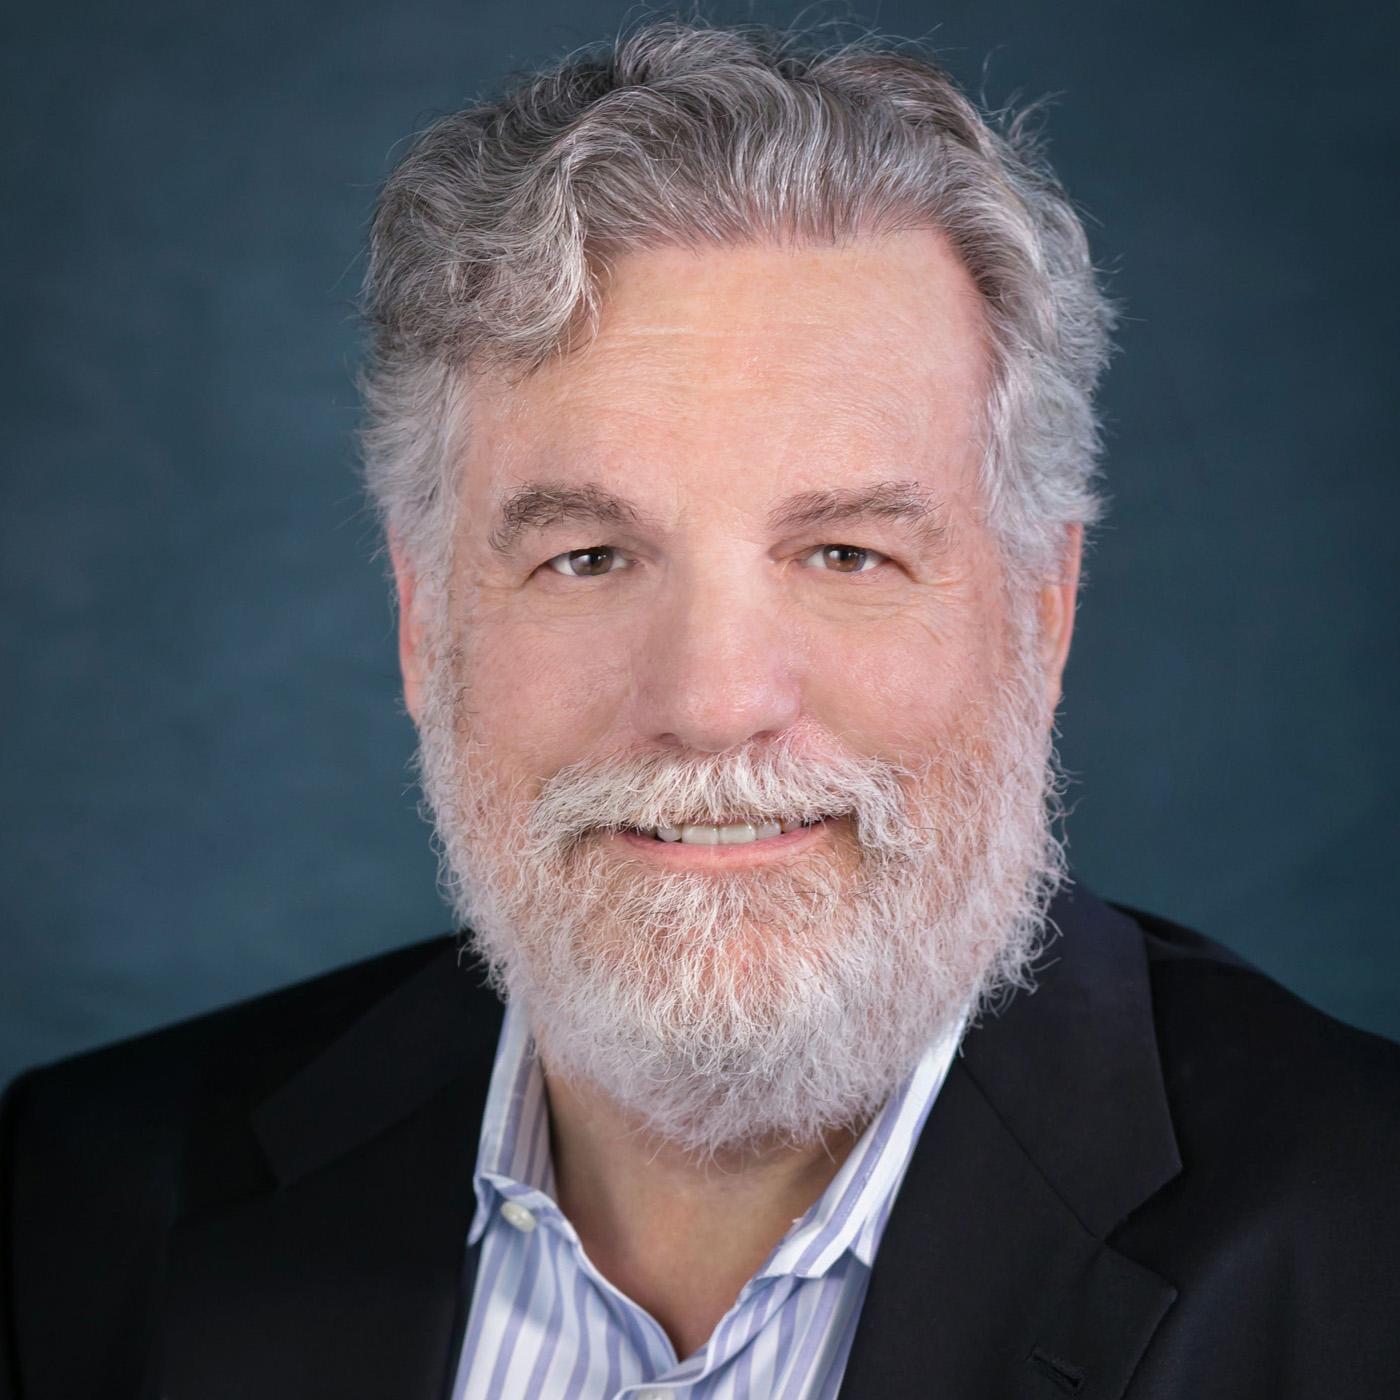 Bennett Yankowitz